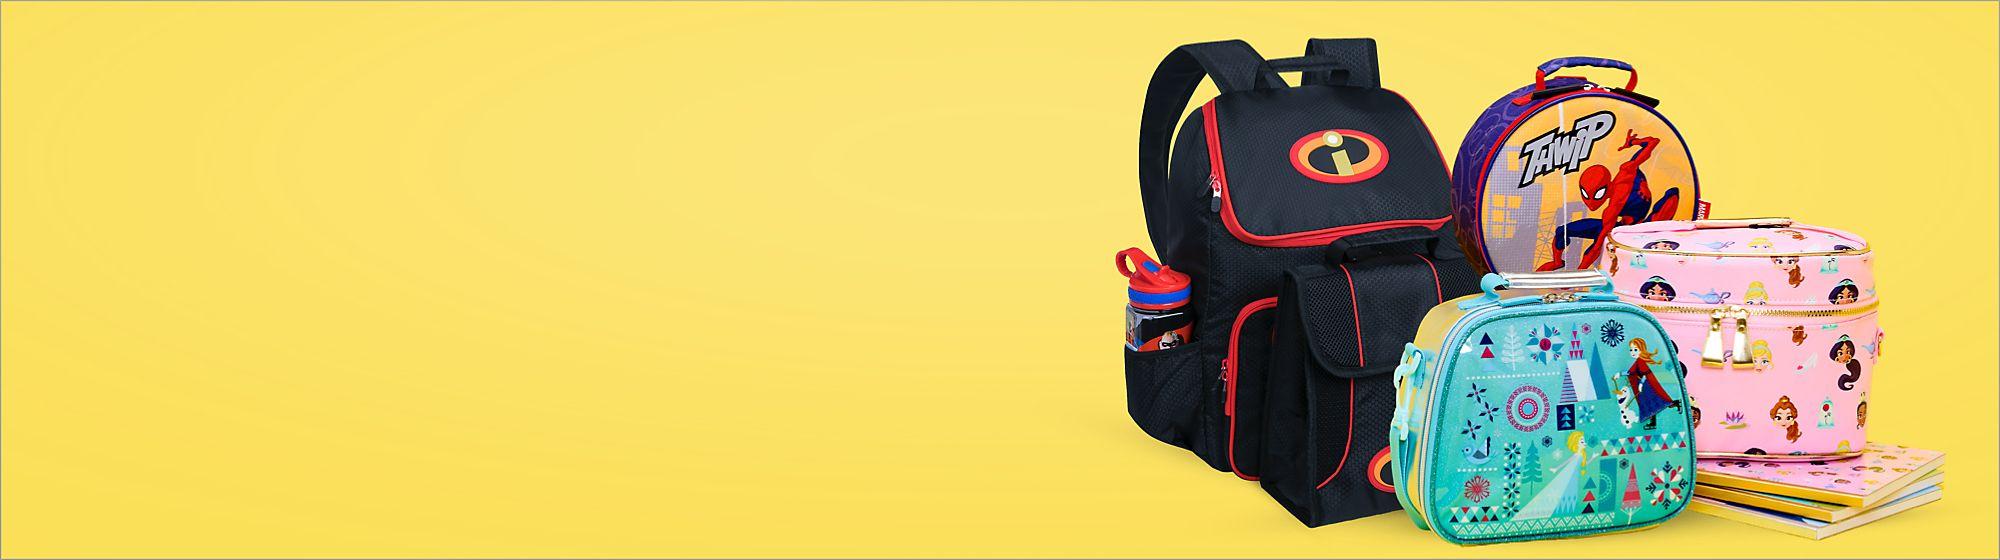 Accessoires pour enfants Amenez du fun partout avec vous avec cette gamme de sacs et d'accessoires Disney, Star Wars et Marvel.